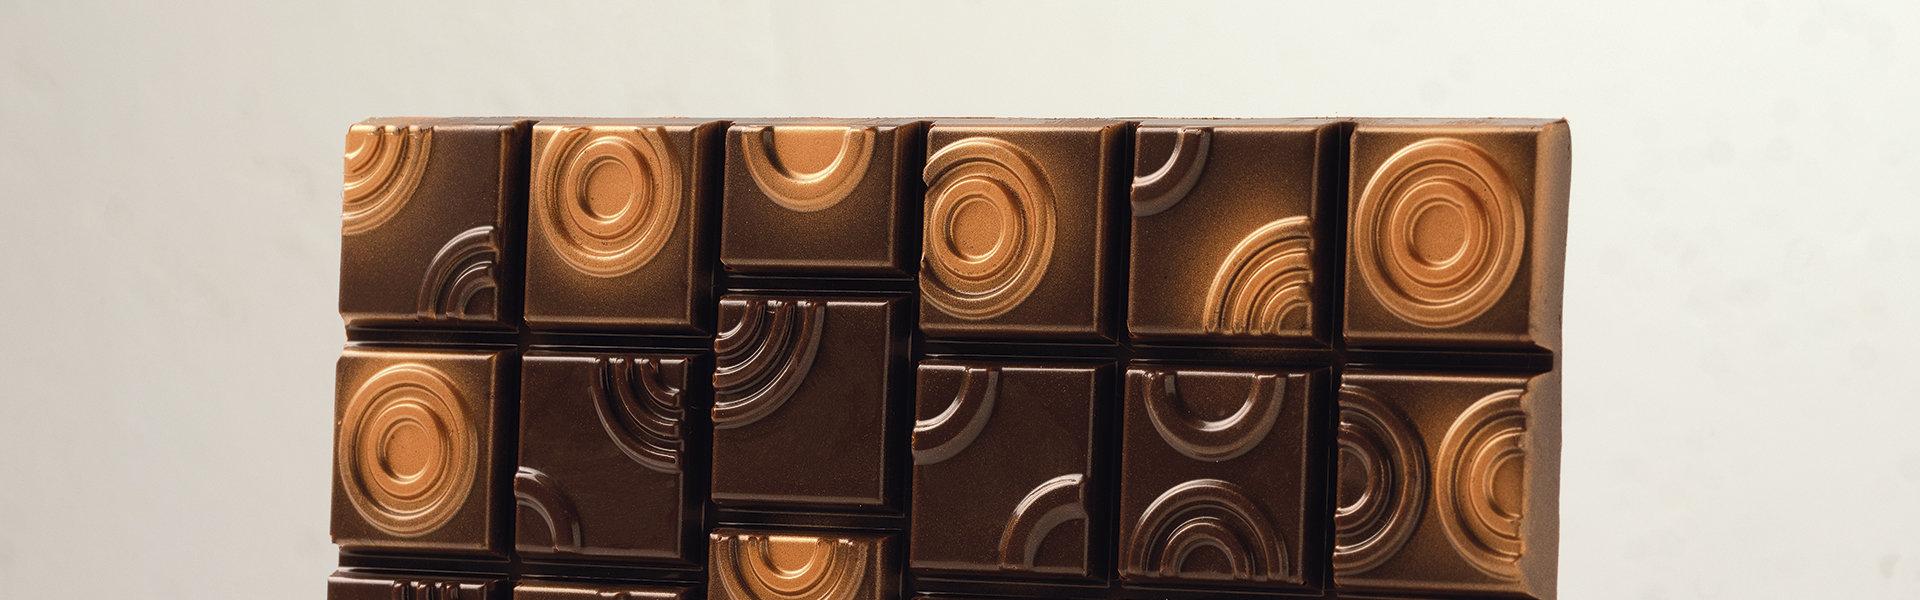 Cioccolato base - Unica by Unigrà